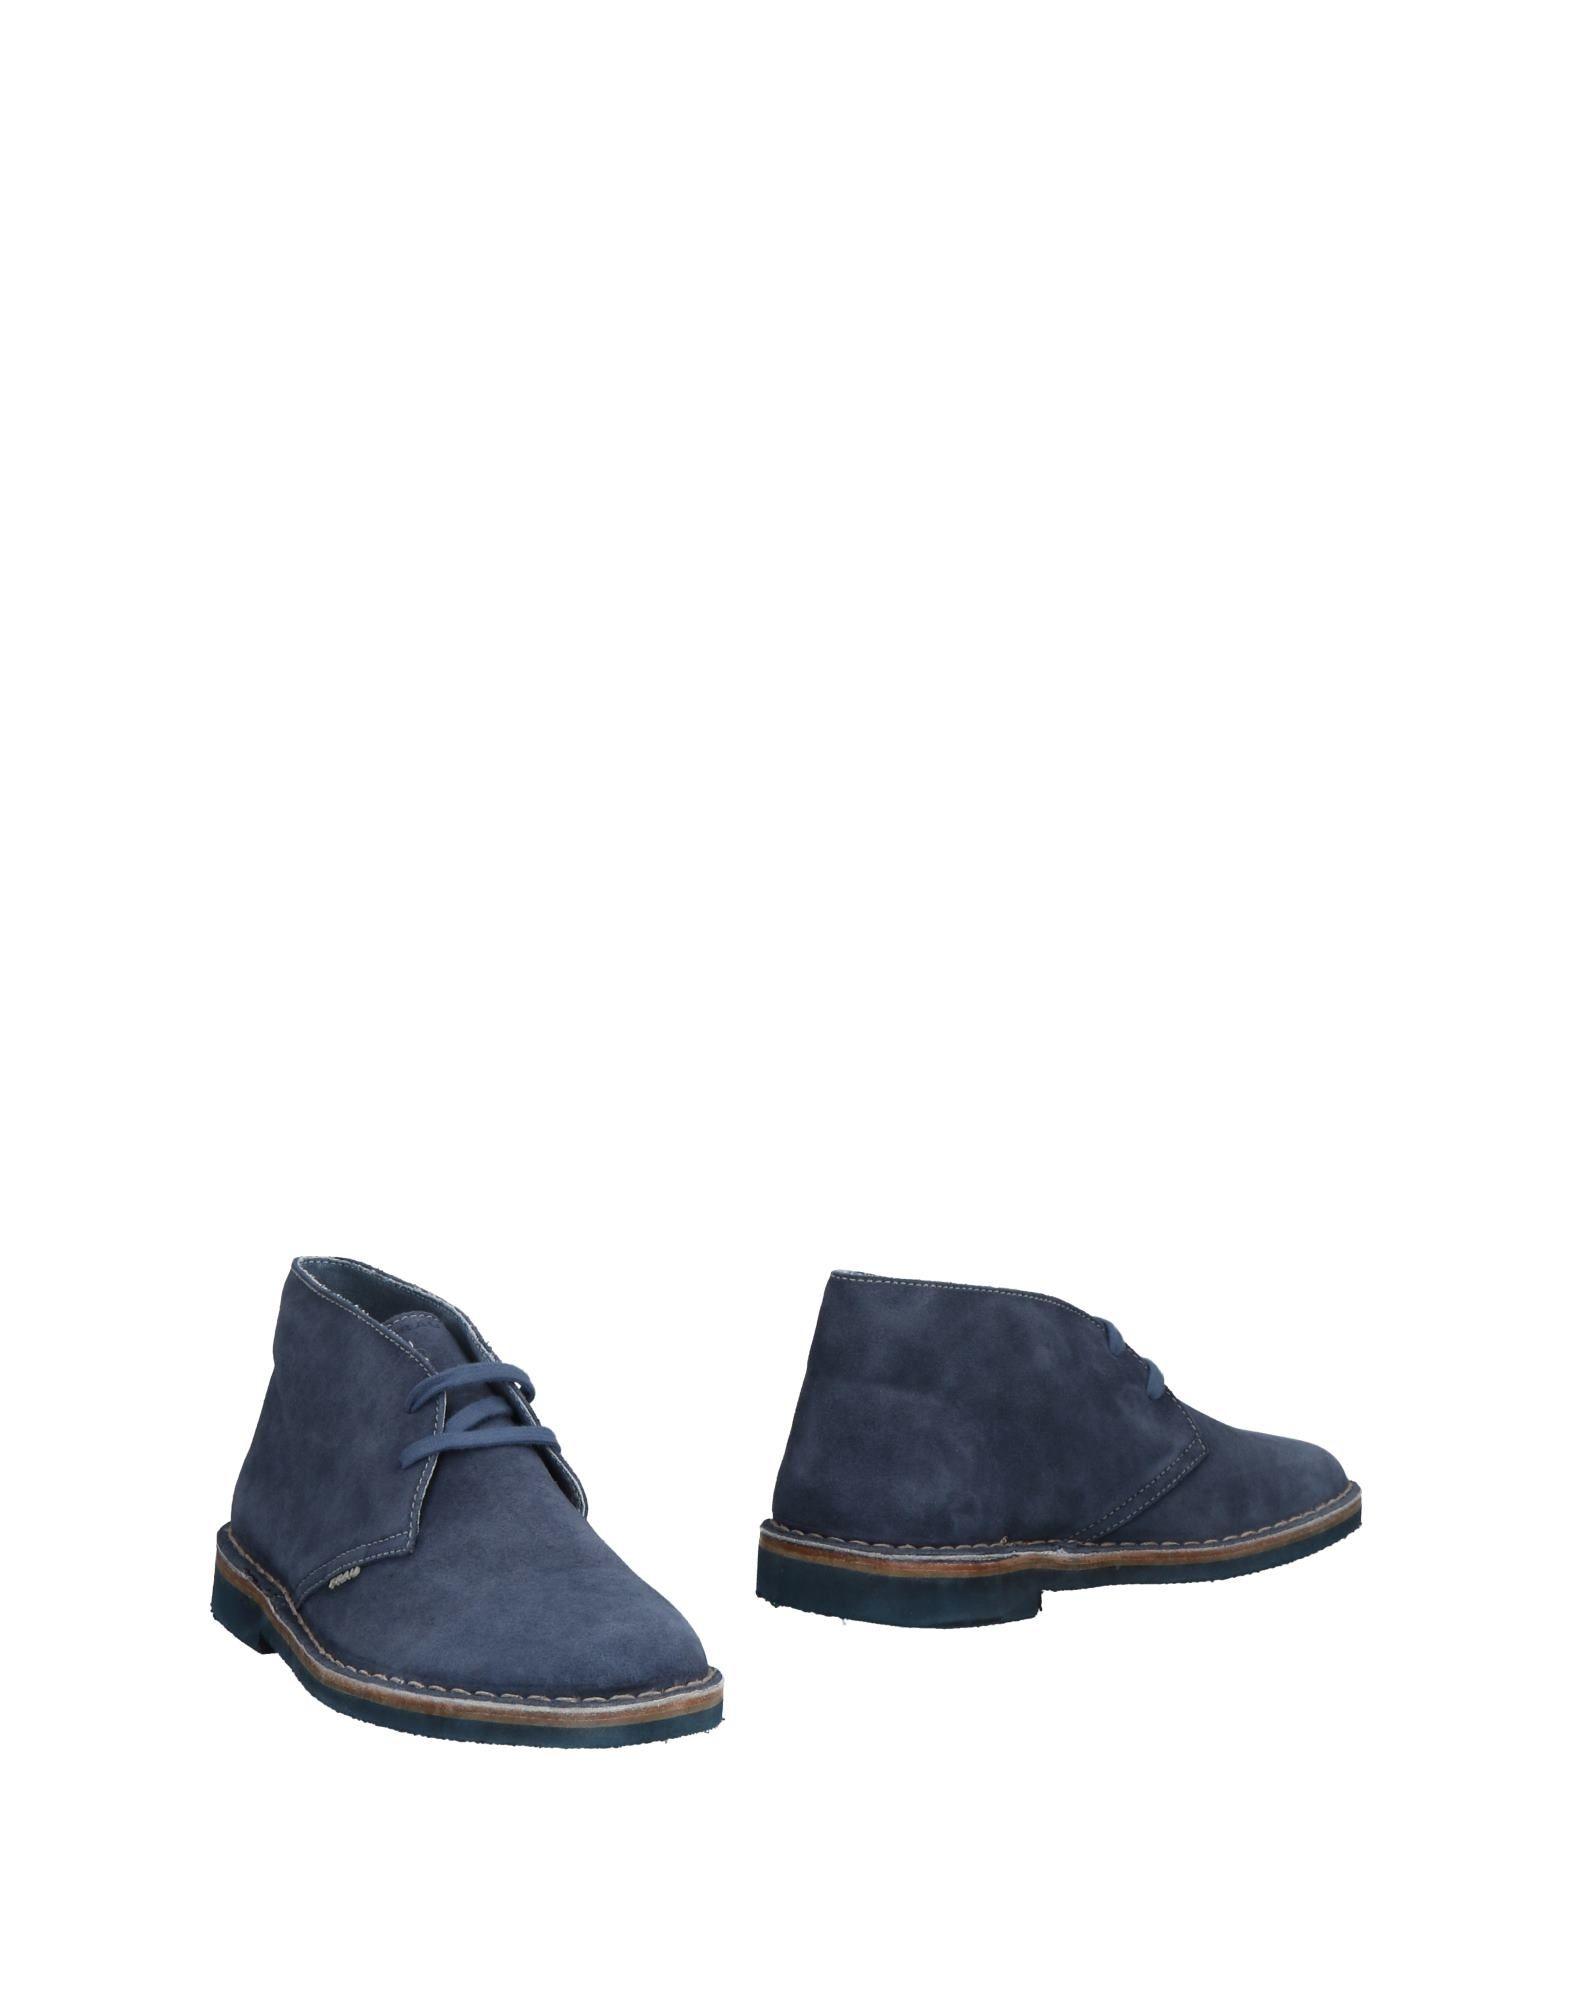 Rabatt echte  Schuhe Frau Stiefelette Herren  echte 11377338EI e9cd12